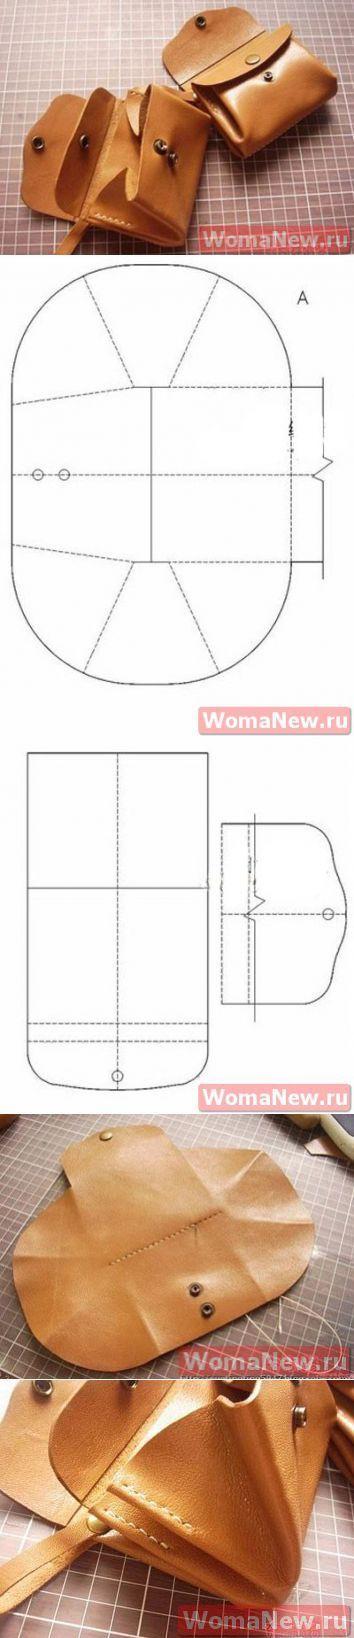 Выкройка кожаной сумки | WomaNew.ru – уроки кройк…